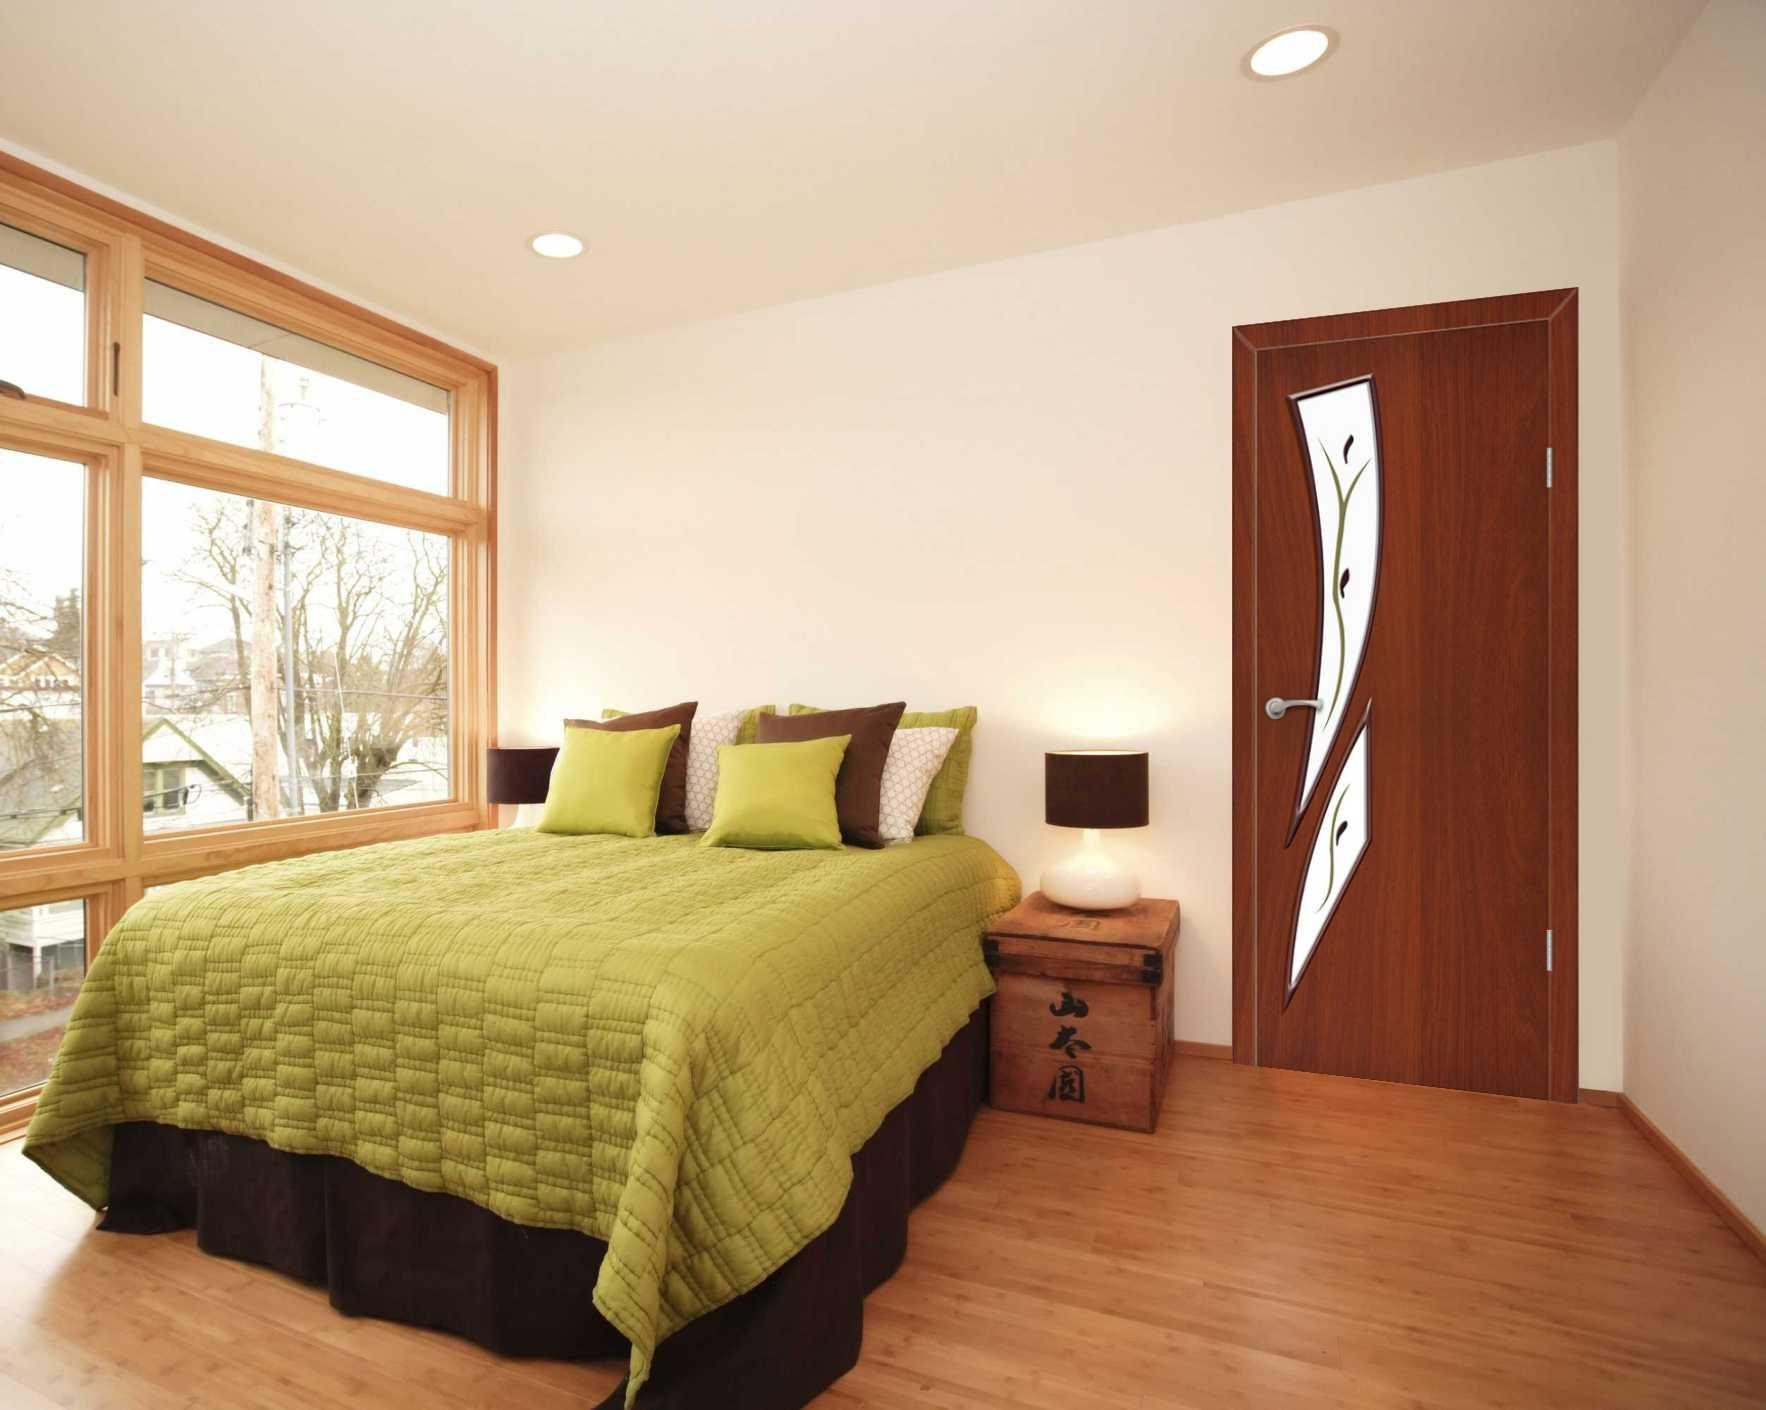 Коричневый ламинат и более темная дверь в спальне